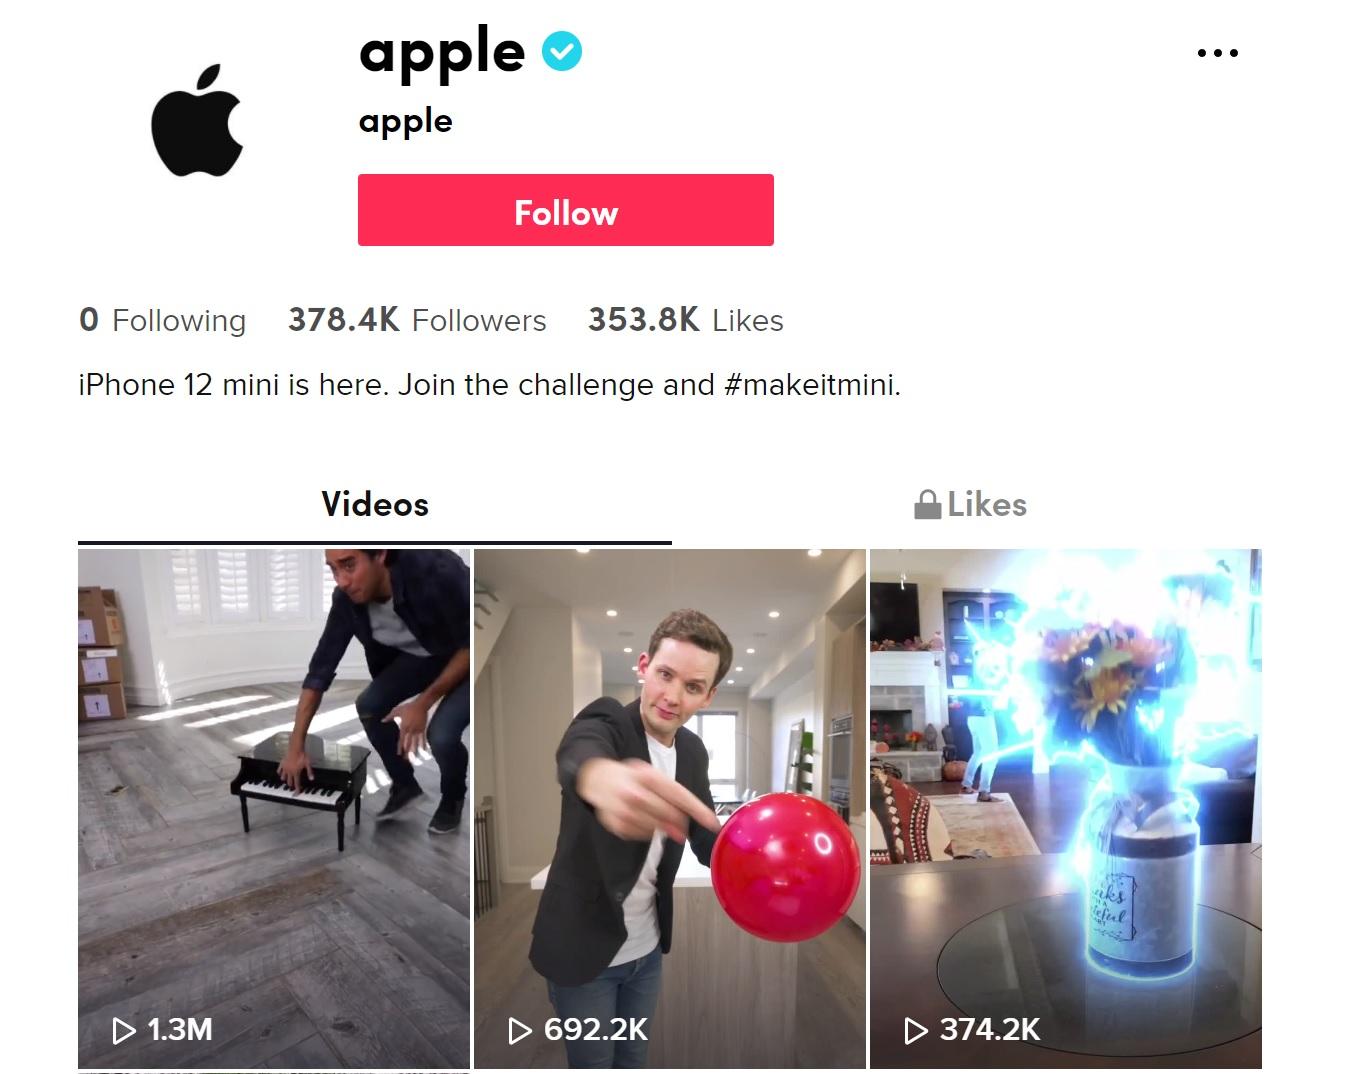 Bắt trend, Apple sử dụng TikTok để quảng cáo iPhone 12 mini